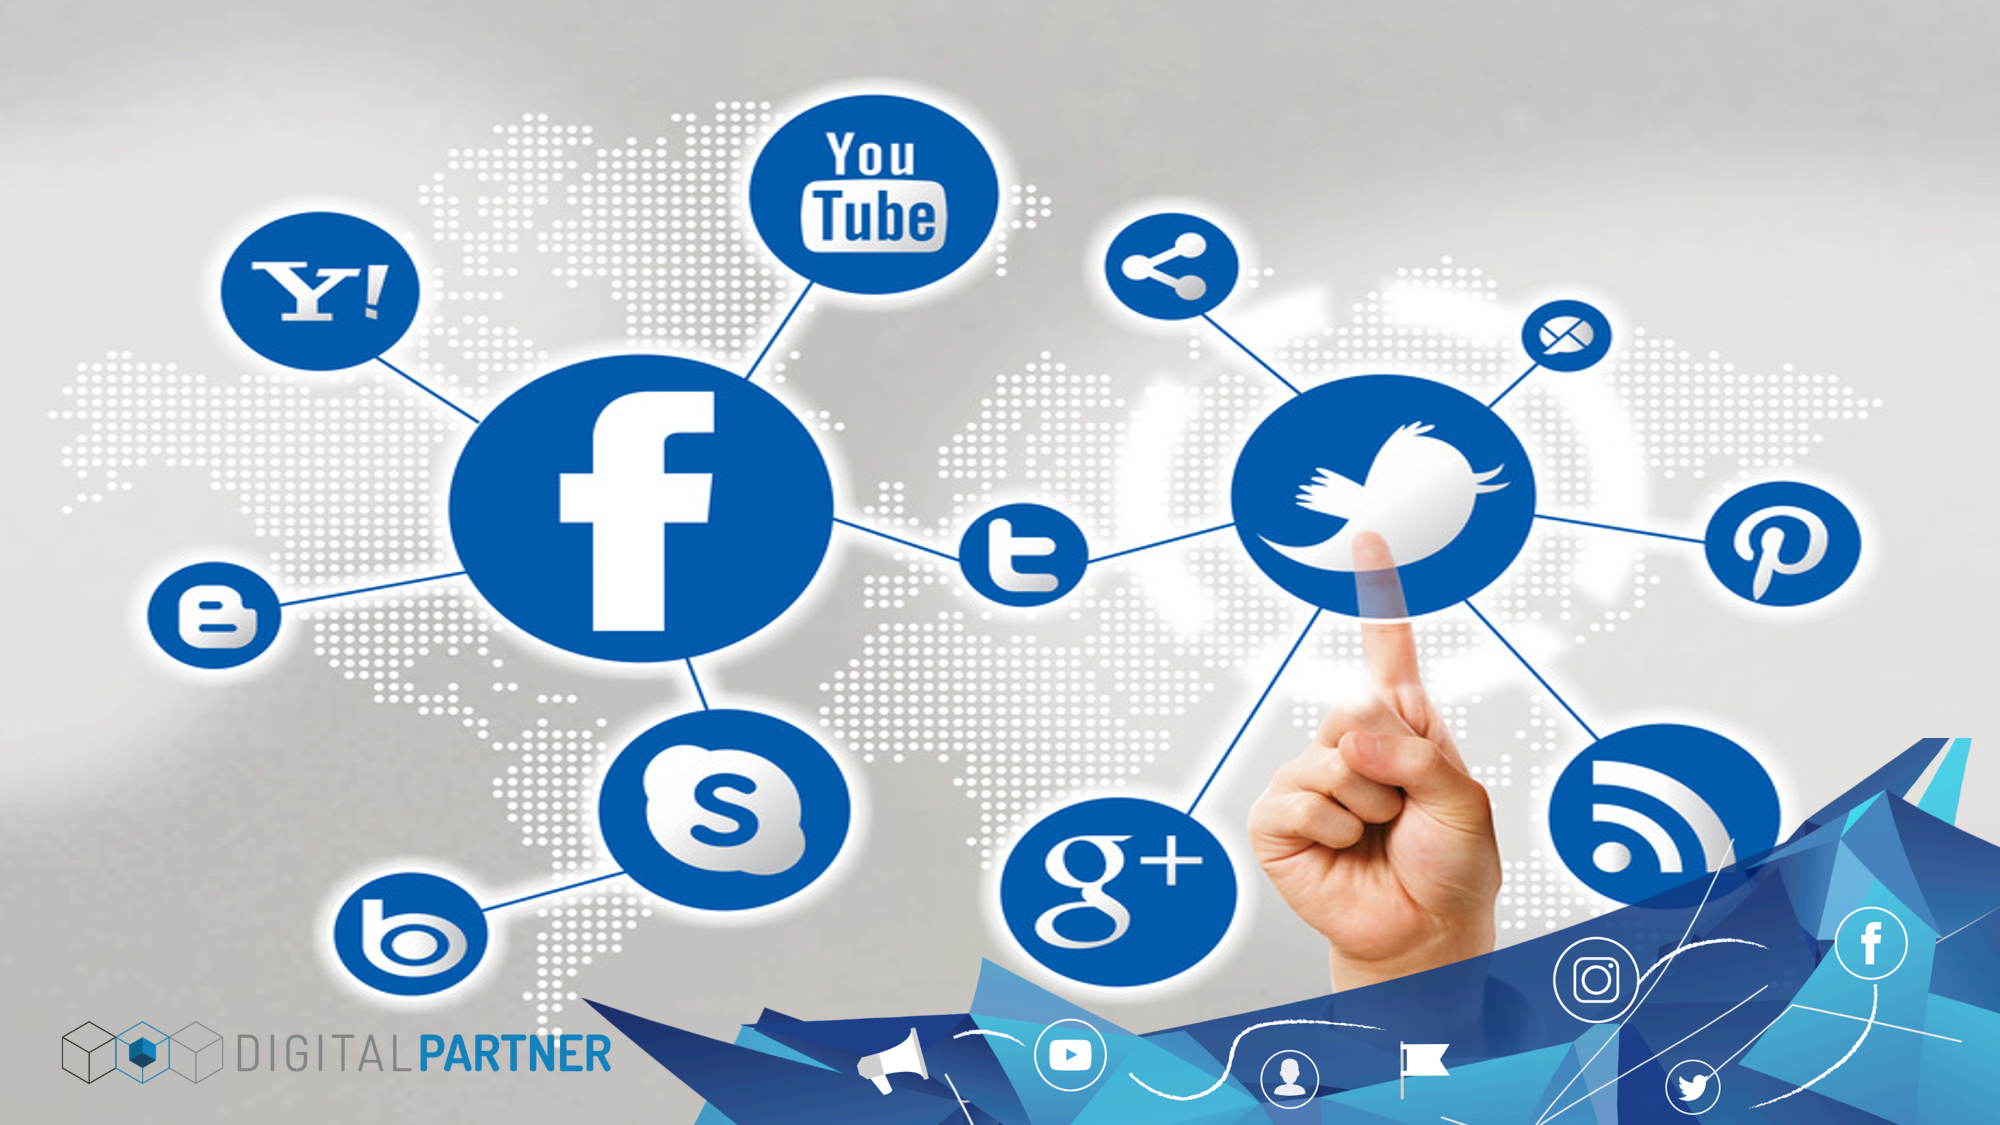 Acercate A Tus Seguidores Te Ayudamos A Crear Contenido Para Tus Redes Sociales Que Con Imagenes Mercadotecnia En Medios Sociales Publicidad Redes Sociales Redes Sociales